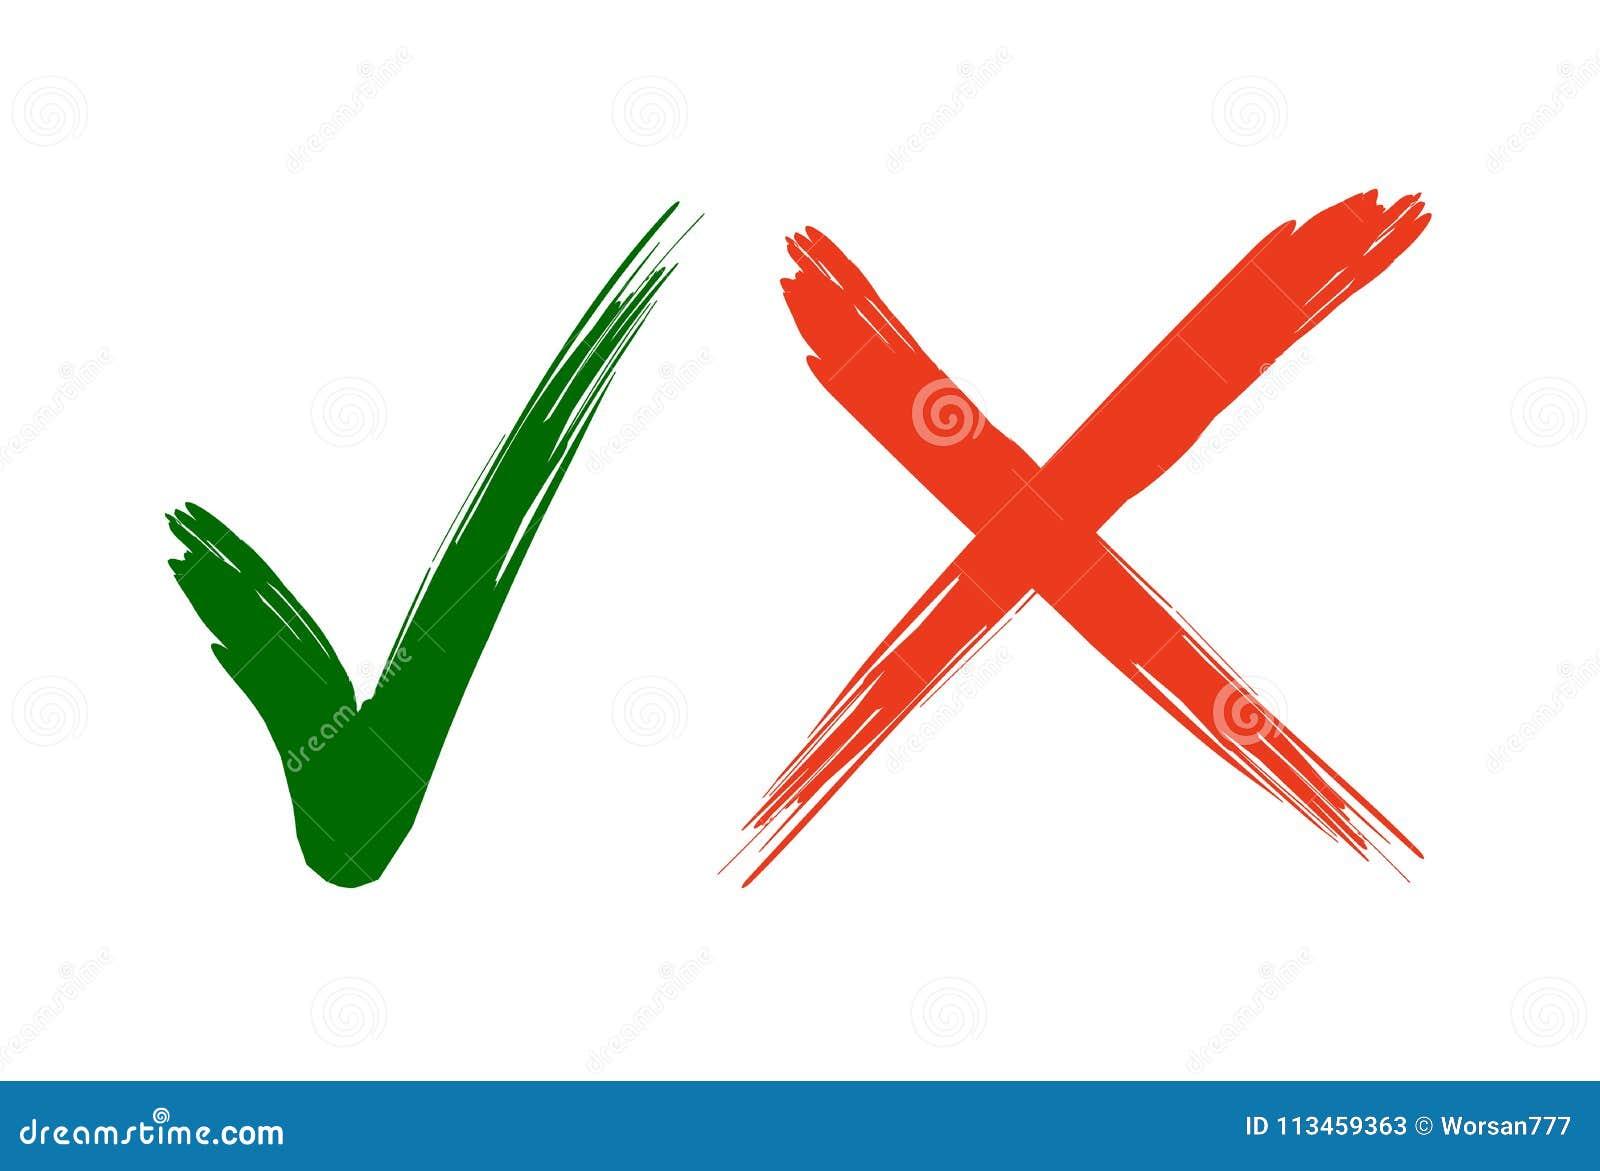 Checkmarkierung Ikonen Grüne Zecken- und Kreuzprüfzeichen in zwei Varianten